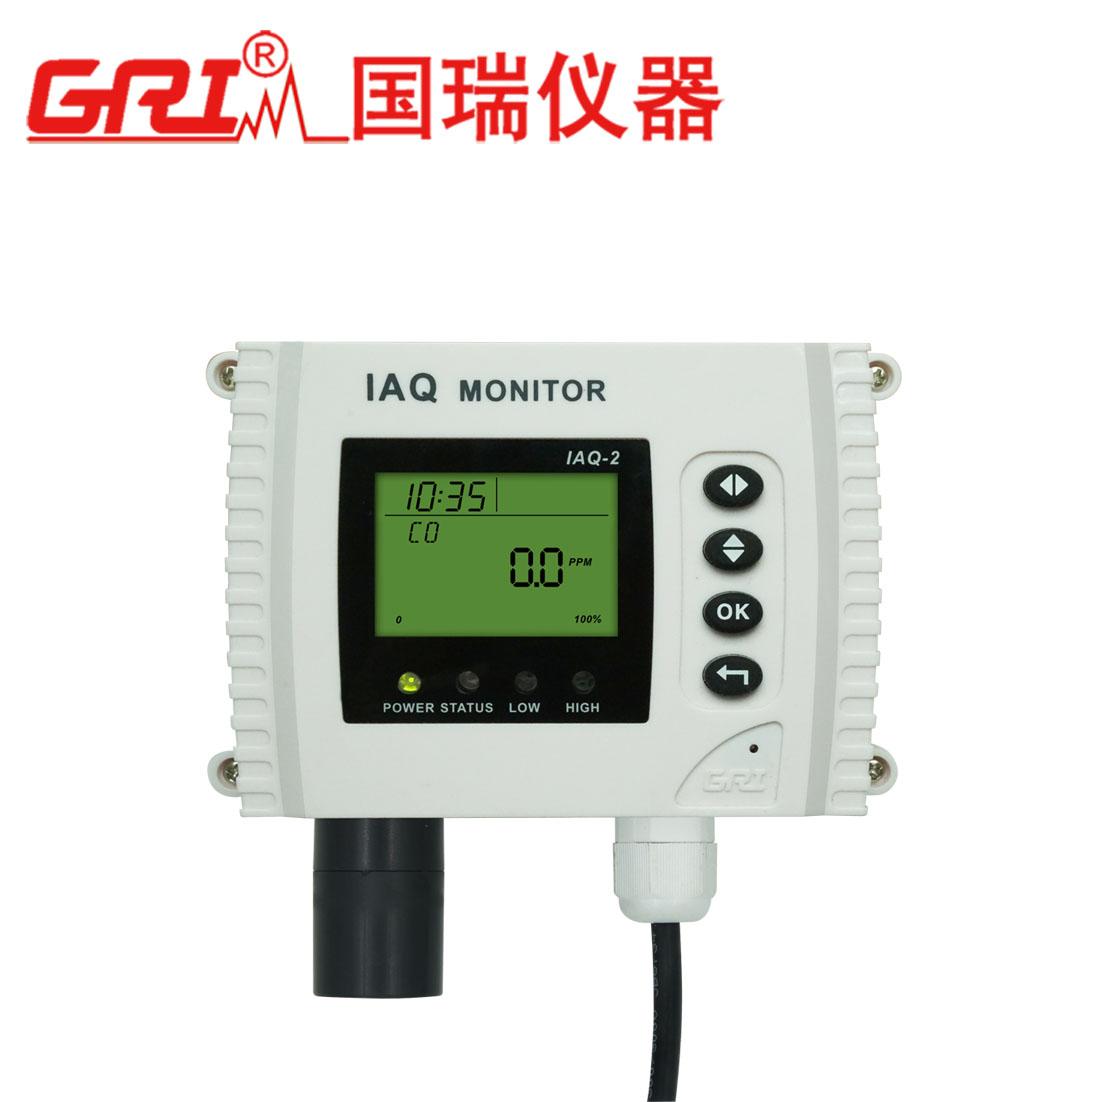 壁挂式二氧化碳气体检测控制器